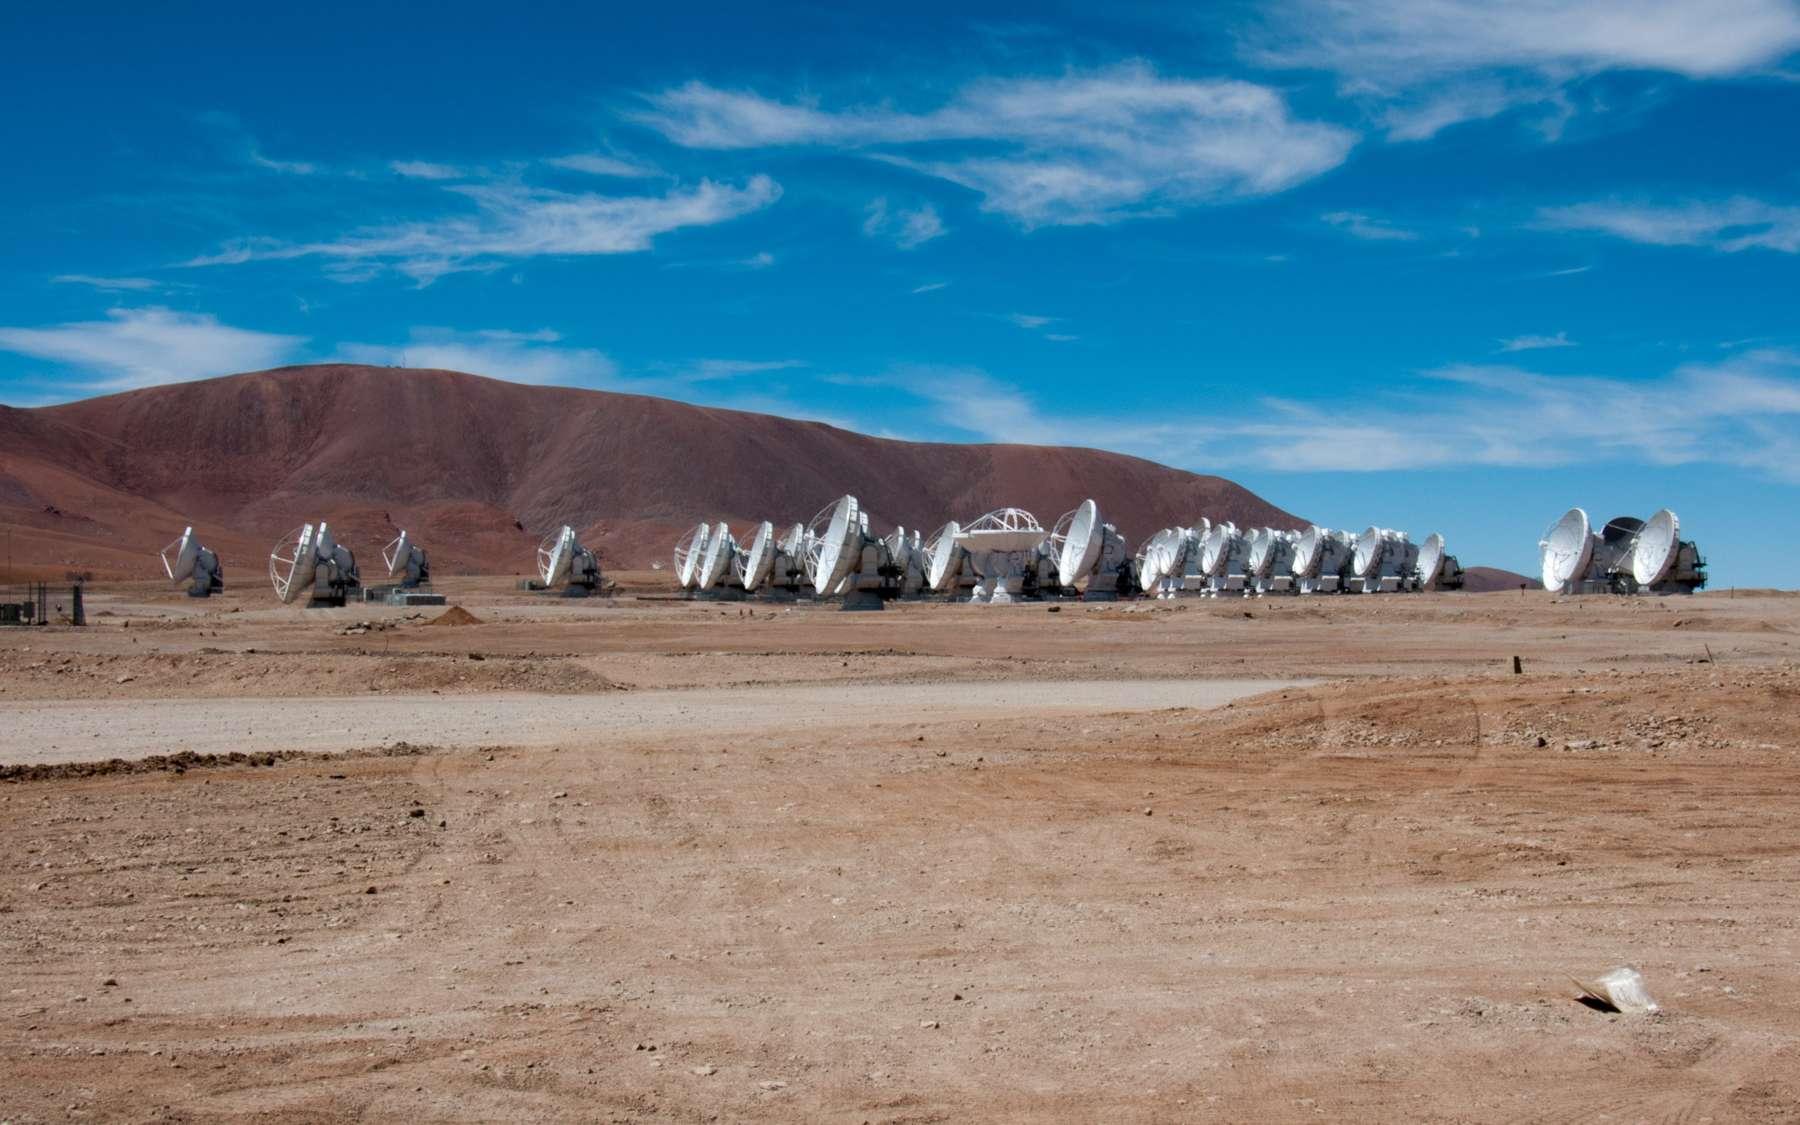 Installé sur le plateau de Chajnantor, au Chili, à plus de 5.000 mètres d'altitude, l'observatoire Alma scrute le ciel avec ses dizaines d'antennes. Au total, 25 d'entre elles ont été construites par Thales Alenia Space. © Rémy Decourt